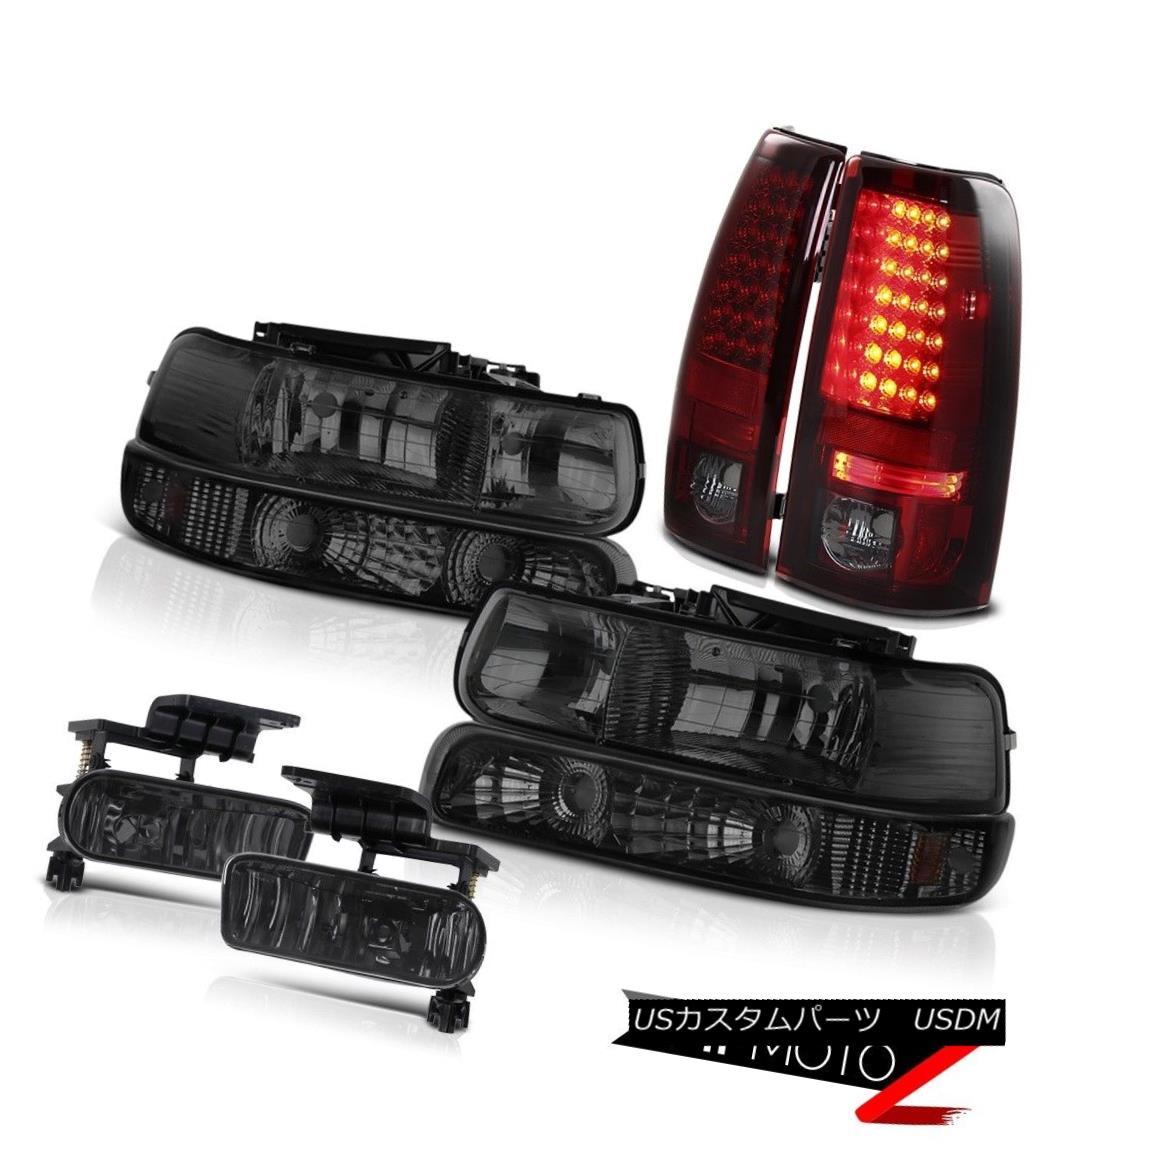 テールライト Bumper Headlights Smokey Red Tail Lights Foglights 99 00 01 02 Silverado 5.3L V8 バンパーヘッドライトスモーキーレッドテールライトFoglights 99 00 01 02 Silverado 5.3L V8